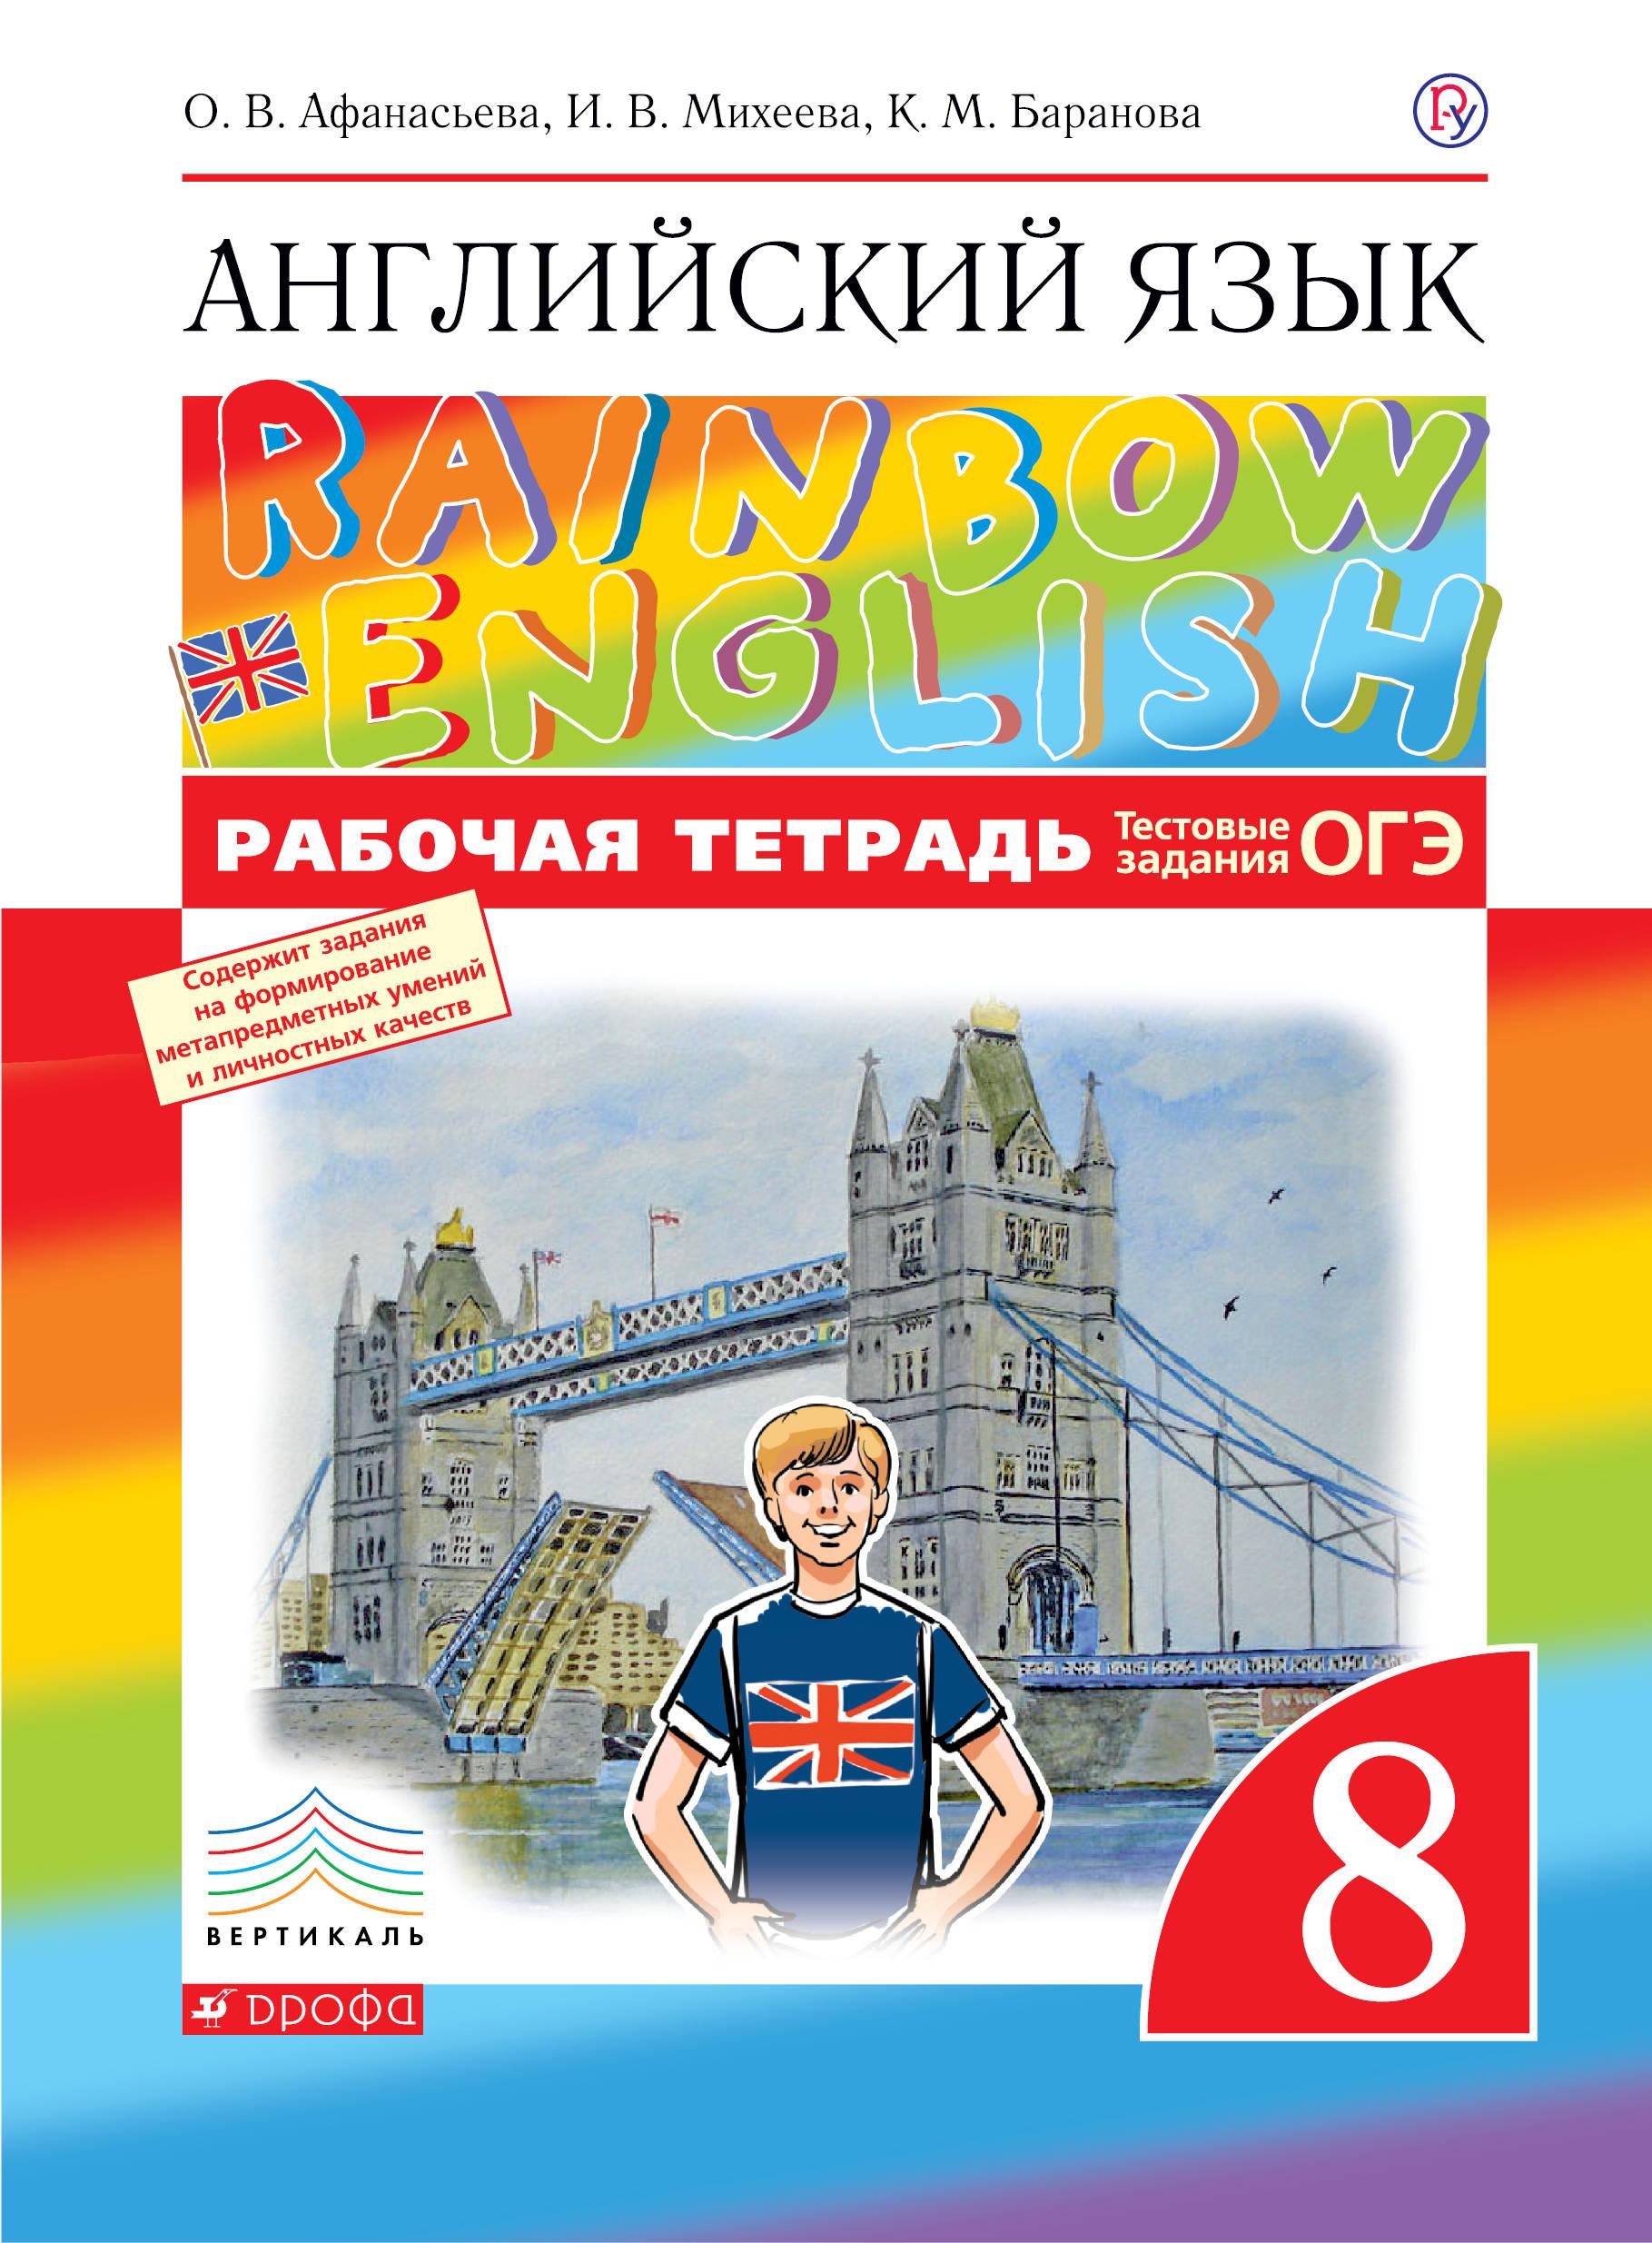 О. В. Афанасьева,И. В. Михеева,К. М. Баранова Английский язык. 8 класс. Рабочая тетрадь (с тестовыми заданиями ОГЭ)